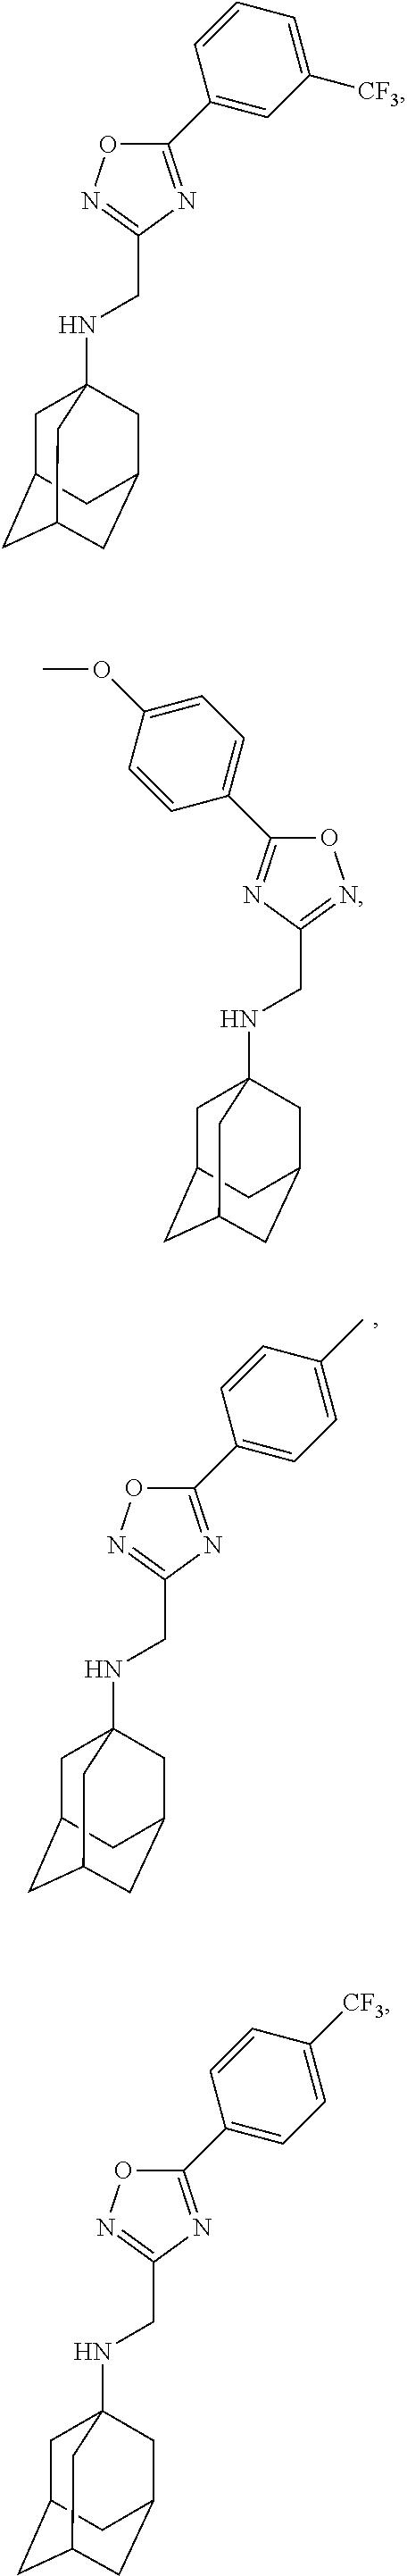 Figure US09884832-20180206-C00156